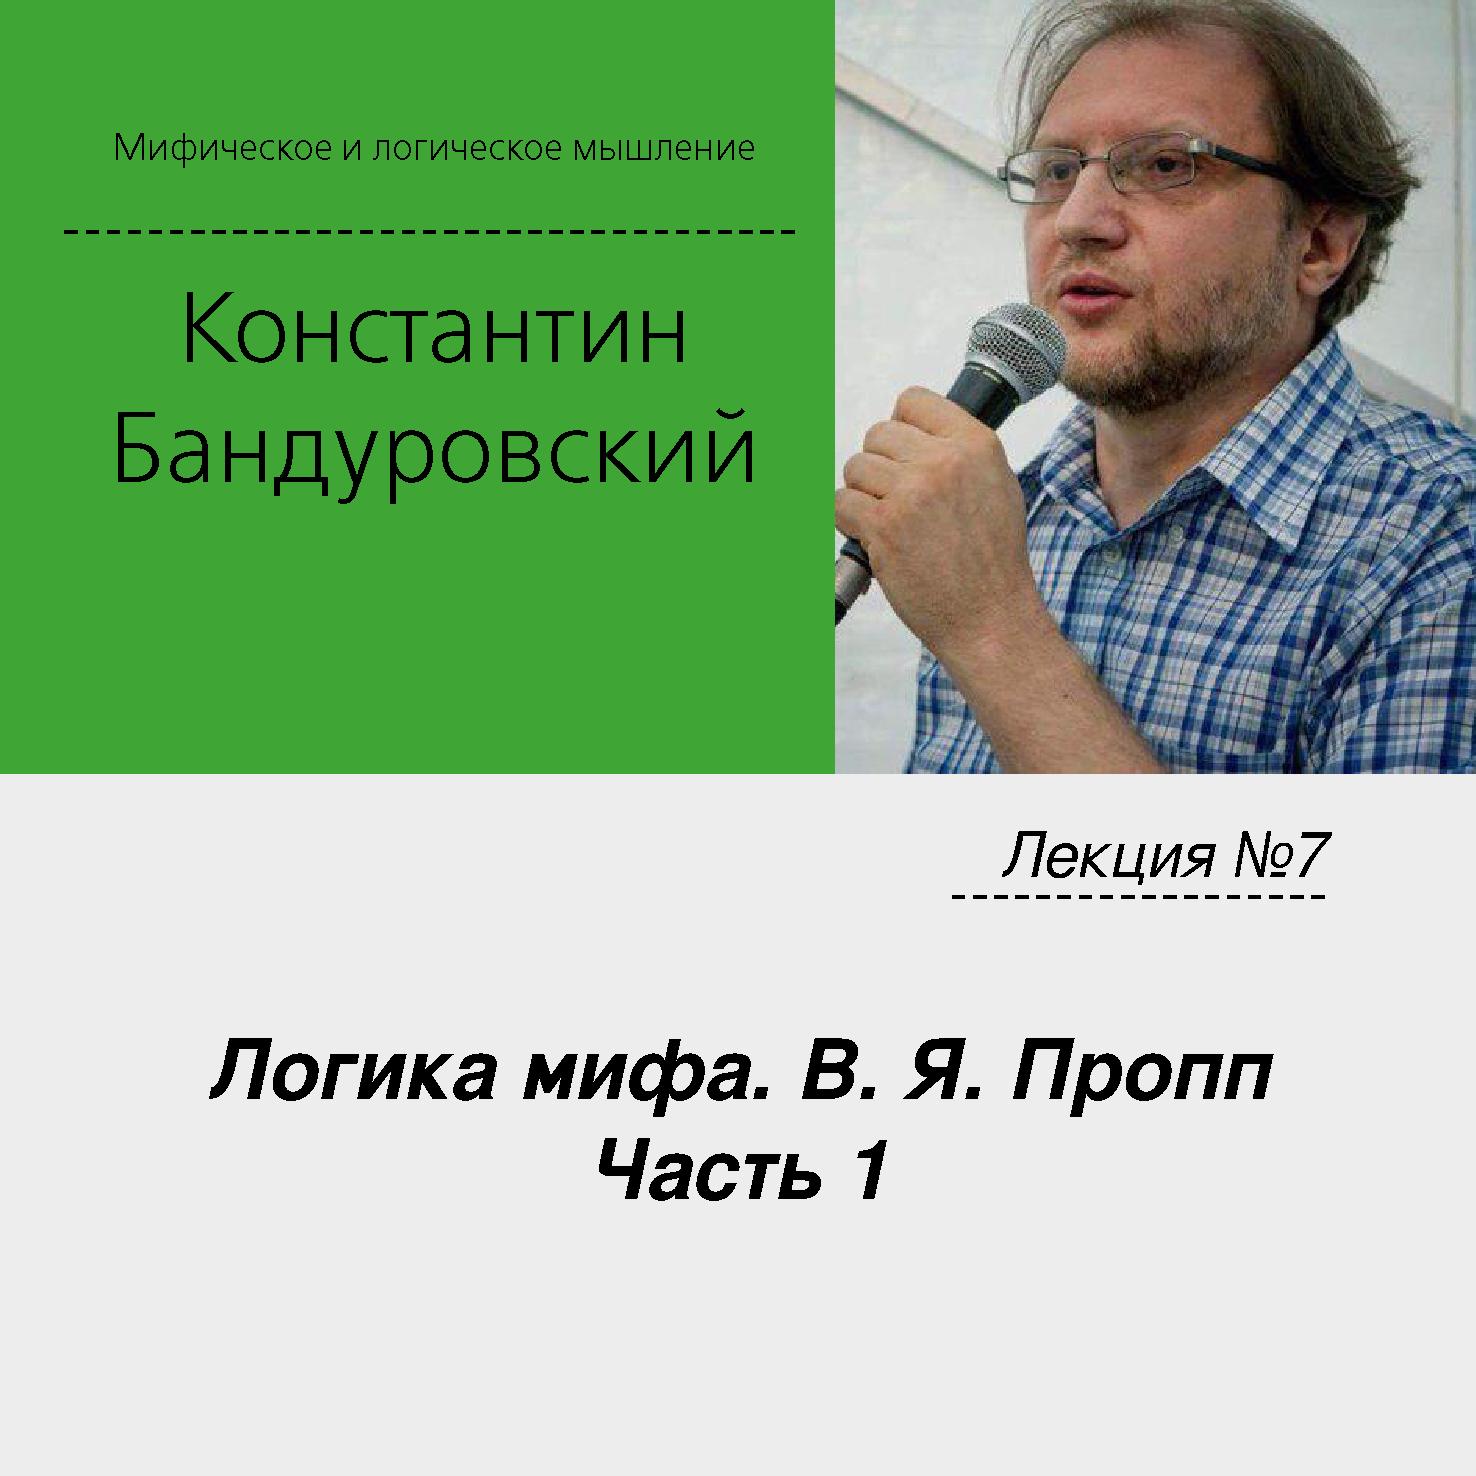 Лекция №7 «Логика мифа. В. Я. Пропп. Часть 1»